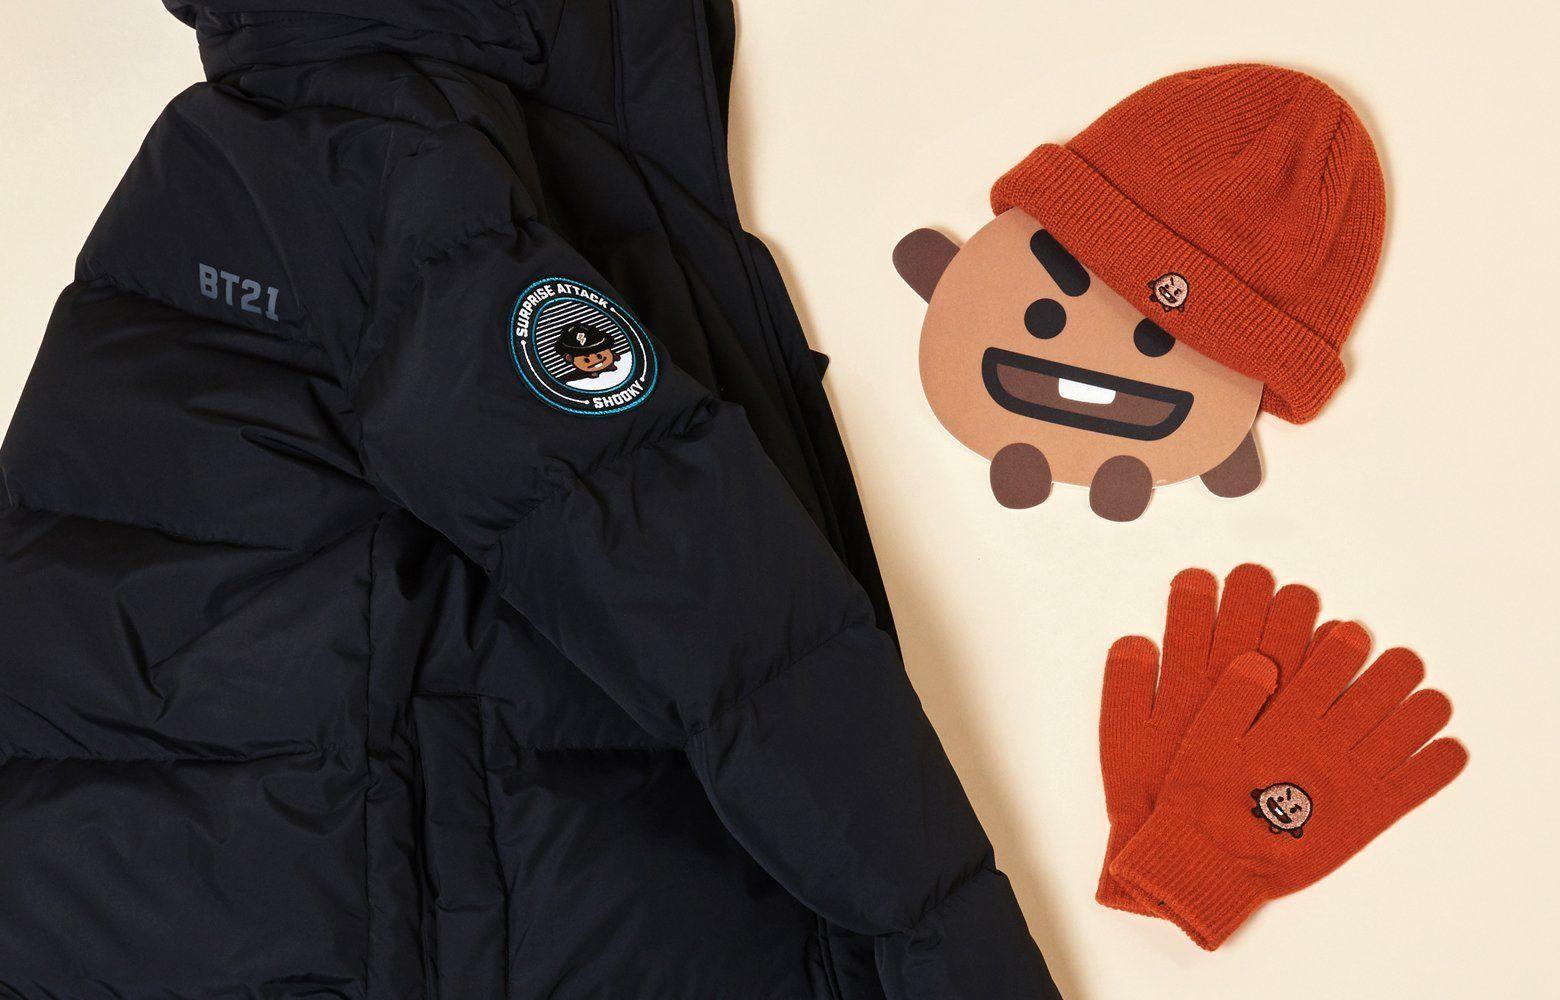 cd123127e Bt21 shooky long bench coat(padded jacket) in 2019   BT21 Shooky ...